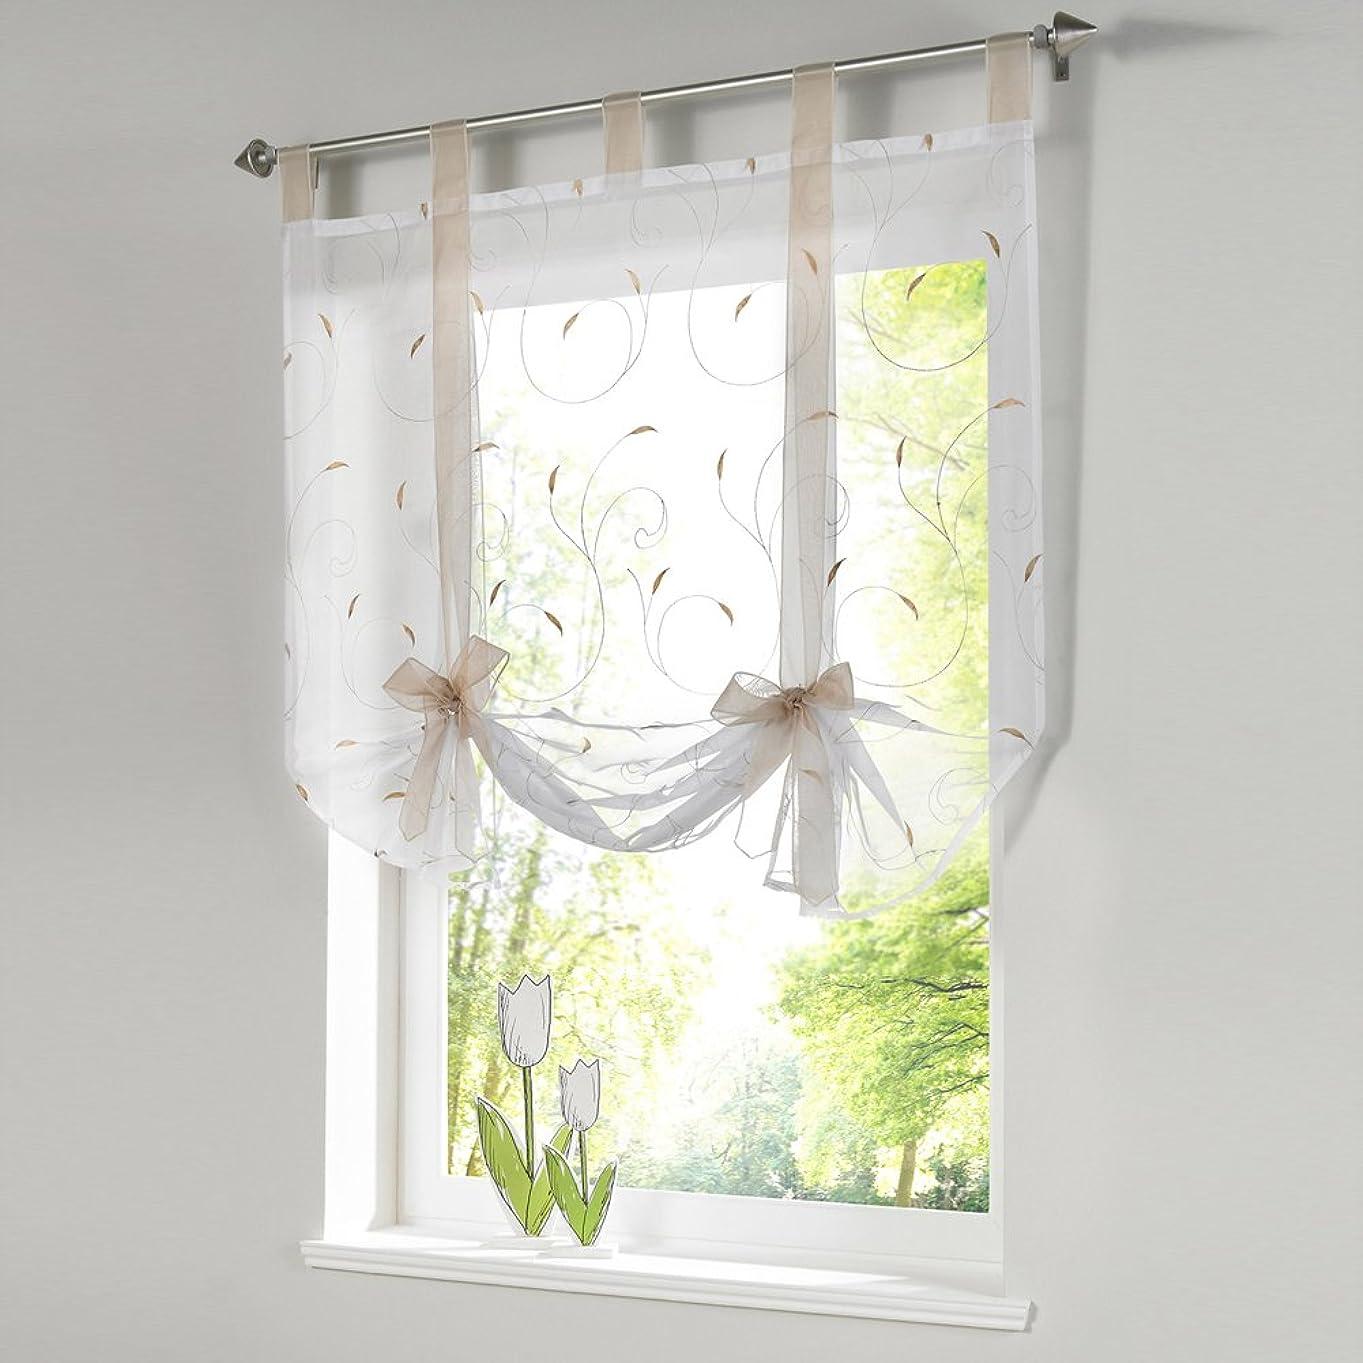 ビバホールドオールケージQIN カフェカーテン 小窓用 レースカーテン ローマレースカーテン ポリエステル製 良い透け感 自然の風を通し 明るく 薄いカーテン 気持ちいい 安らぎを感じる風合い 新生活応援 取り外し簡単 5色5サイズから選べる 60x140cm 土色